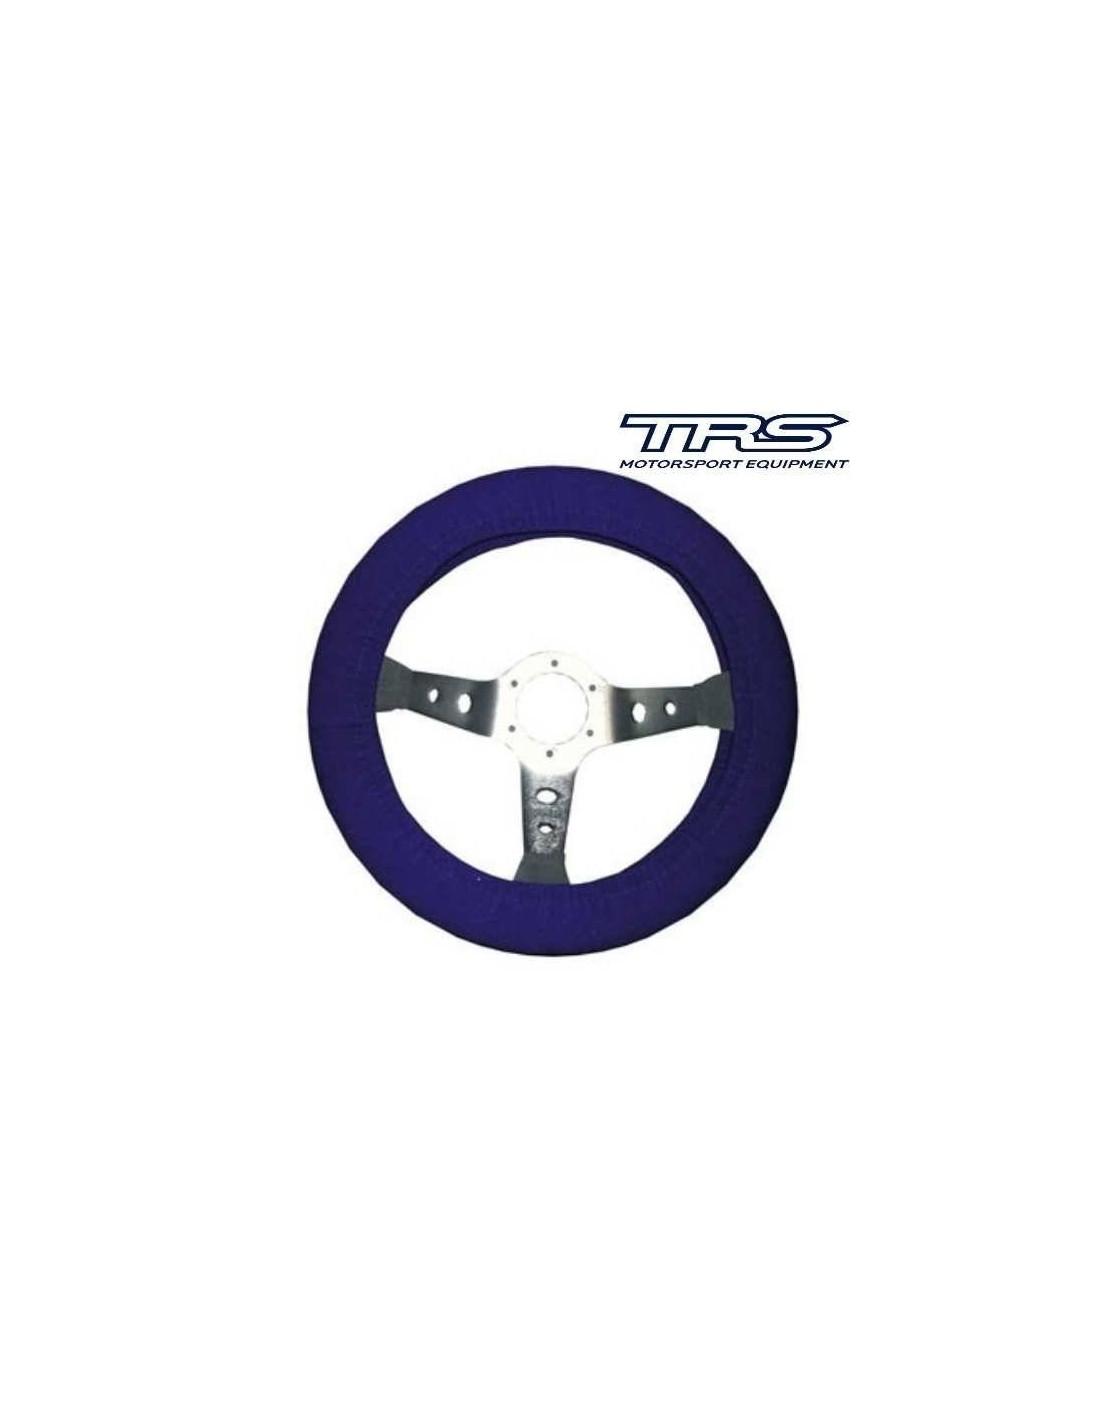 Housse de protection pour volant bleu for Housse de volant chauffante